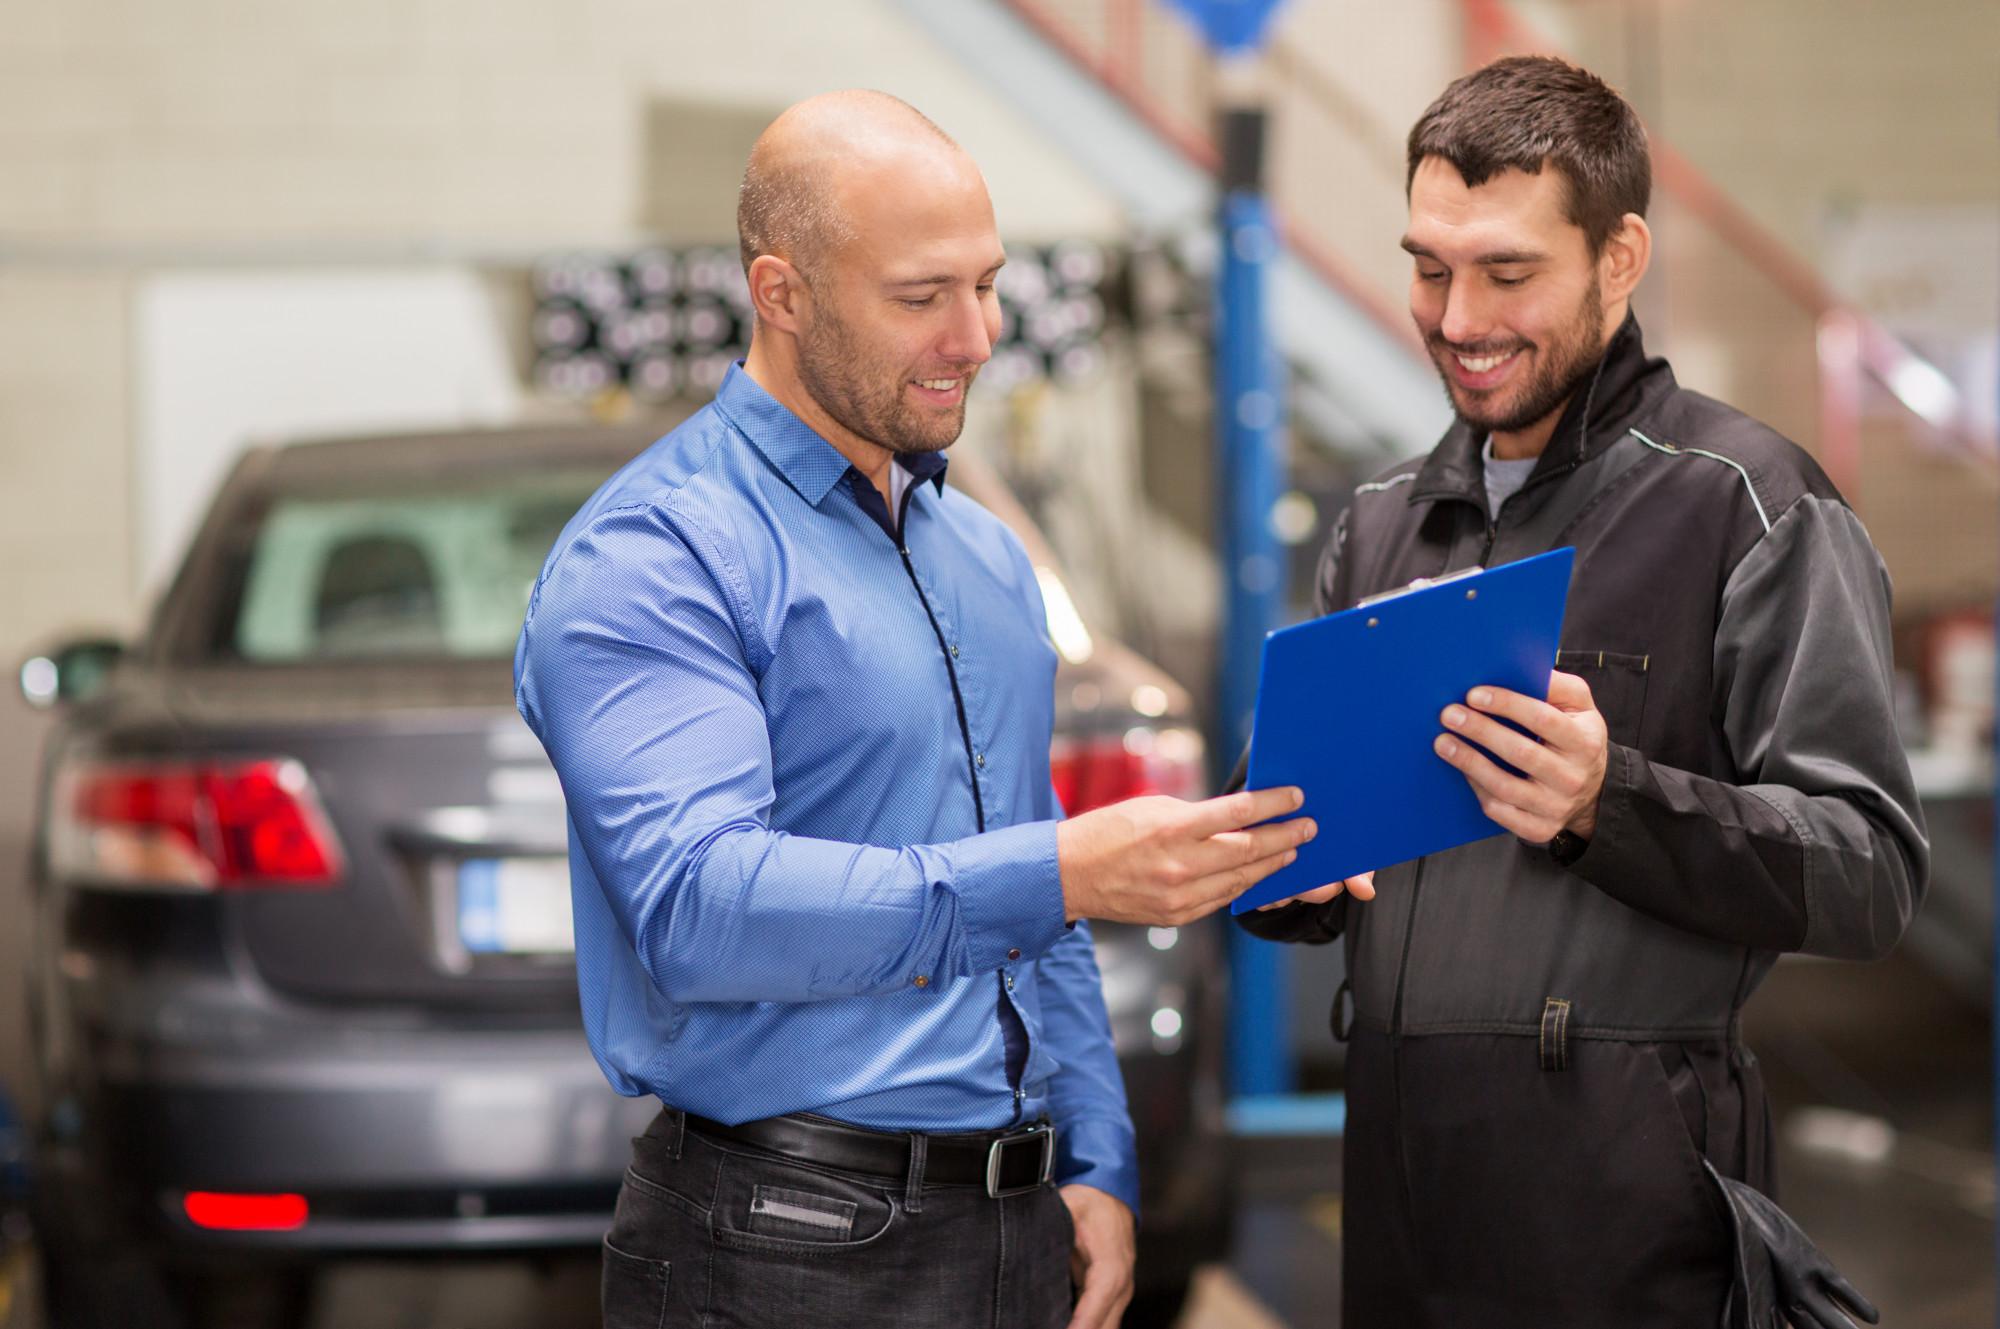 Car Repair Company